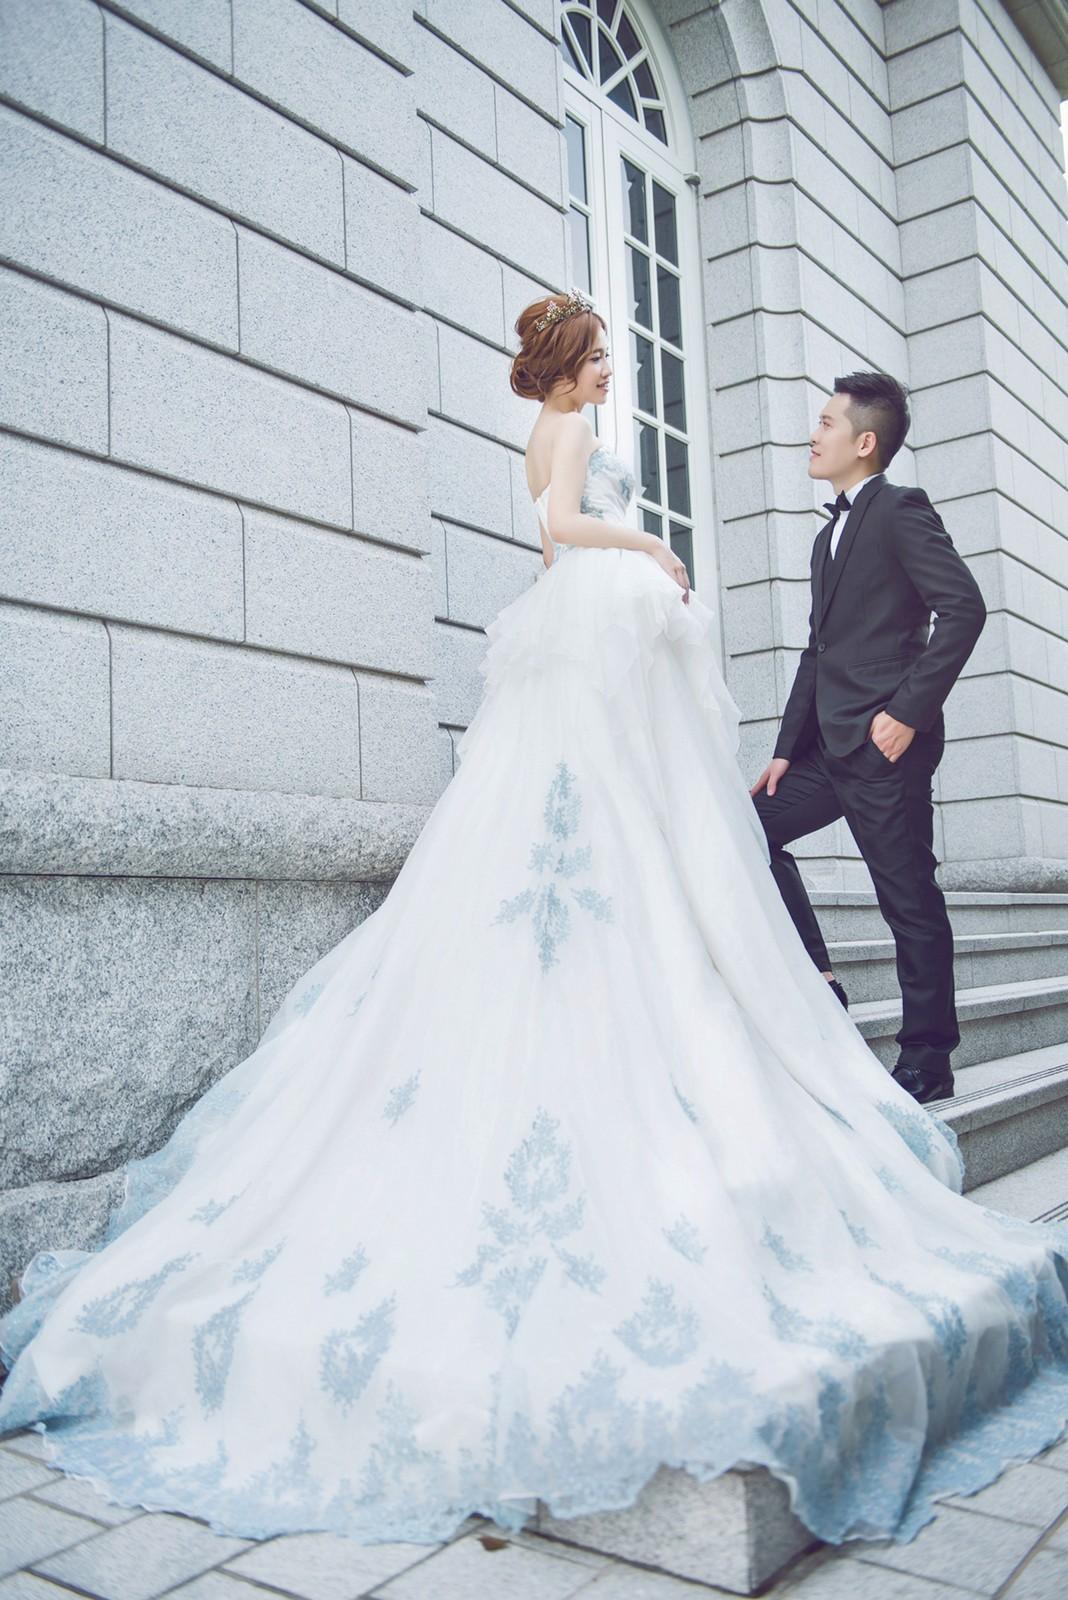 自助婚紗,自主婚紗推薦,台南 自助婚紗,tn08